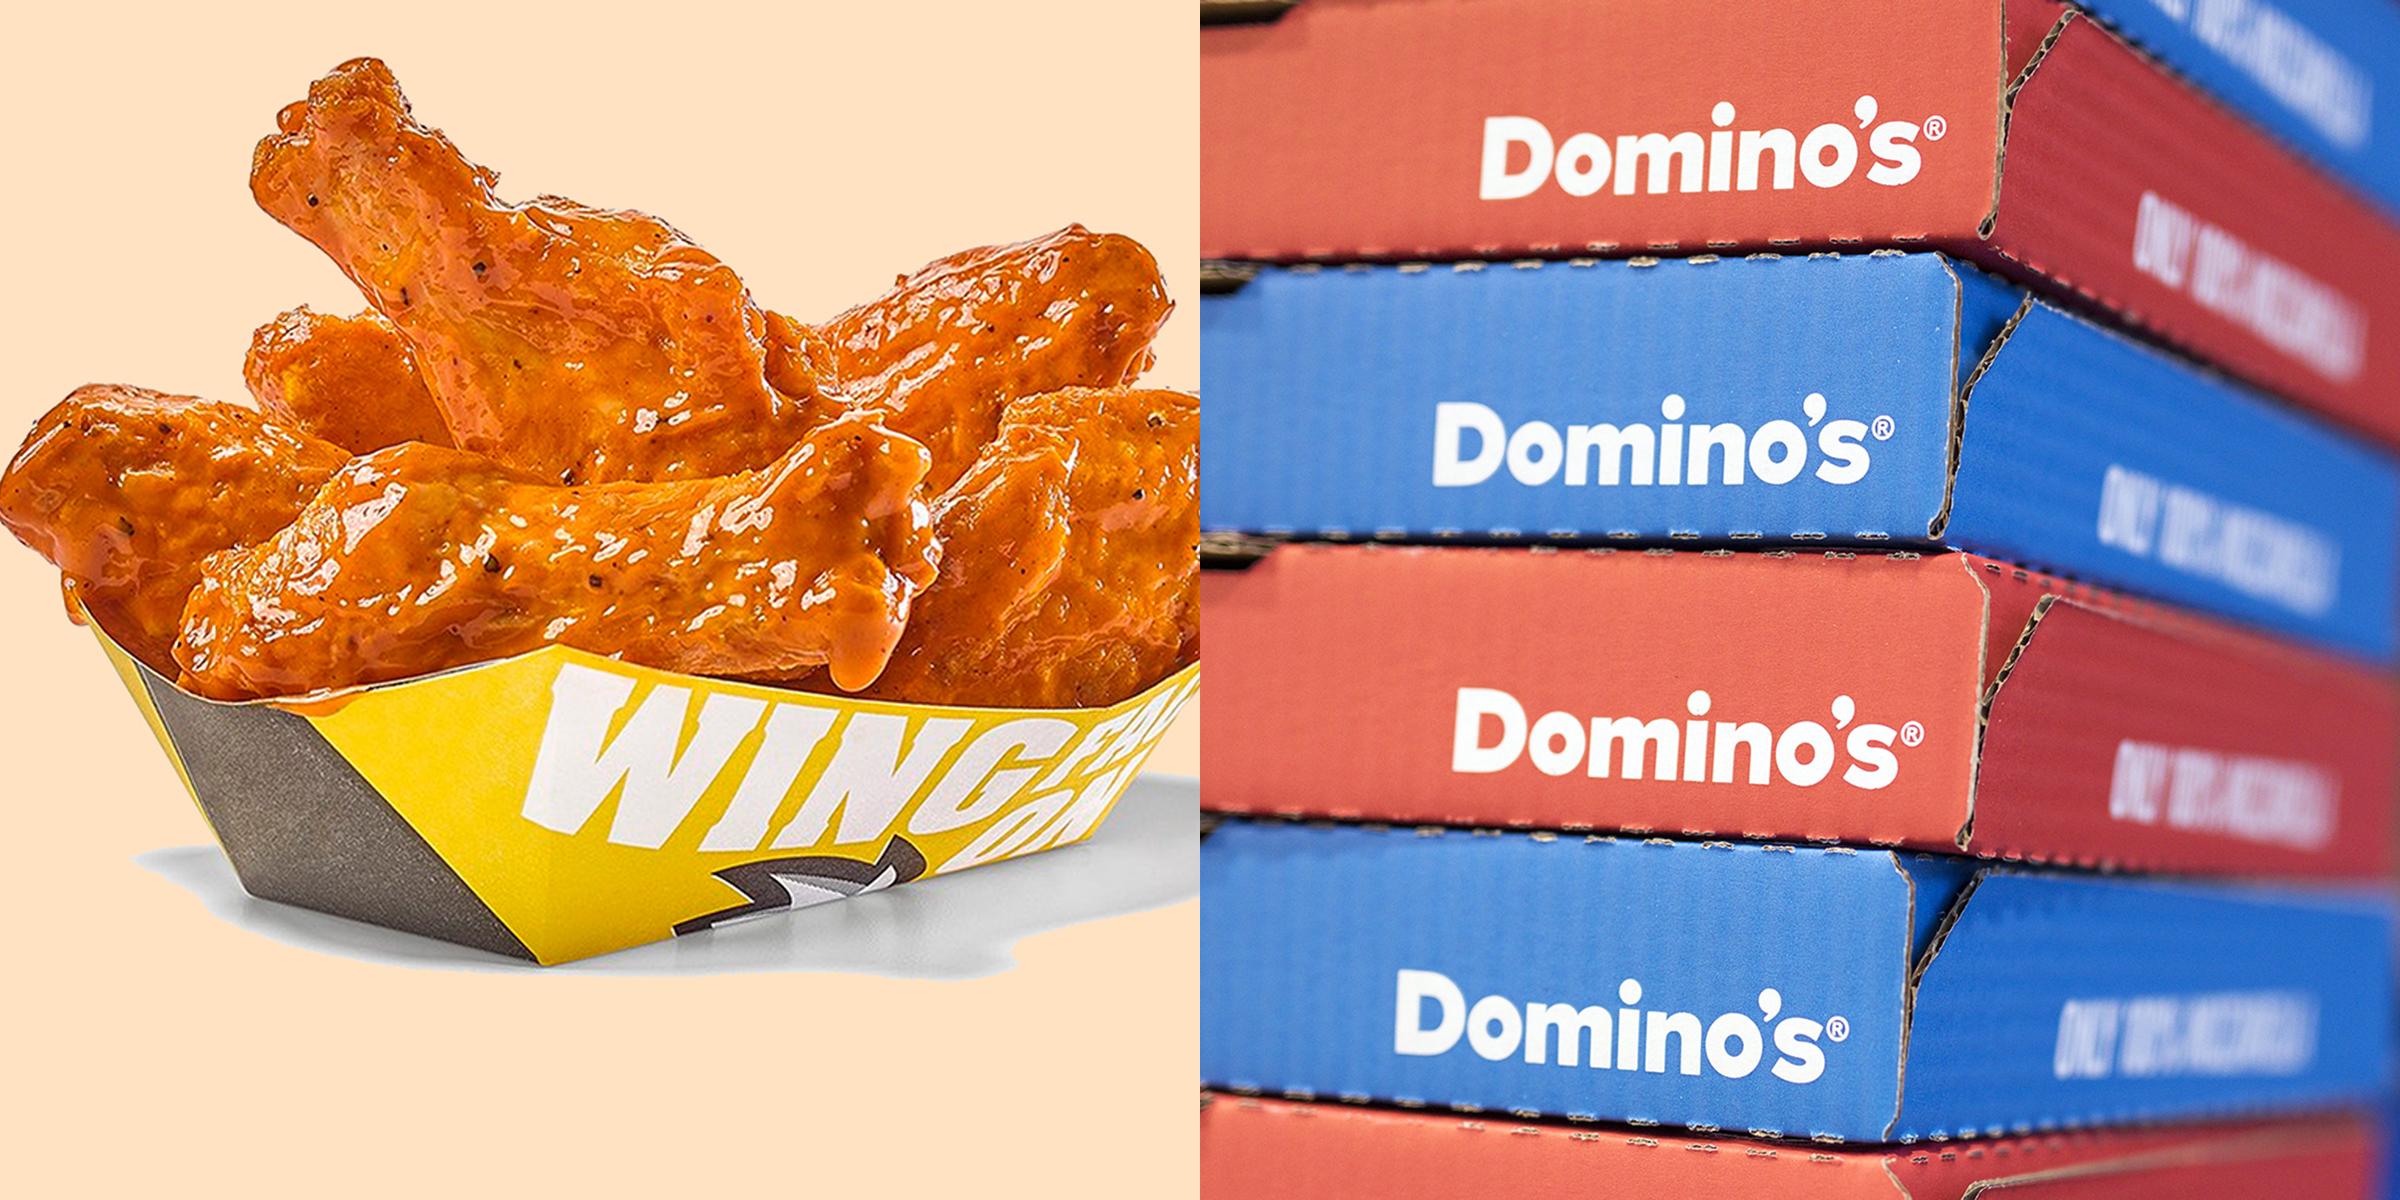 Get Super Bowl Food Deals And Super Bowl Pizza Deals 2019